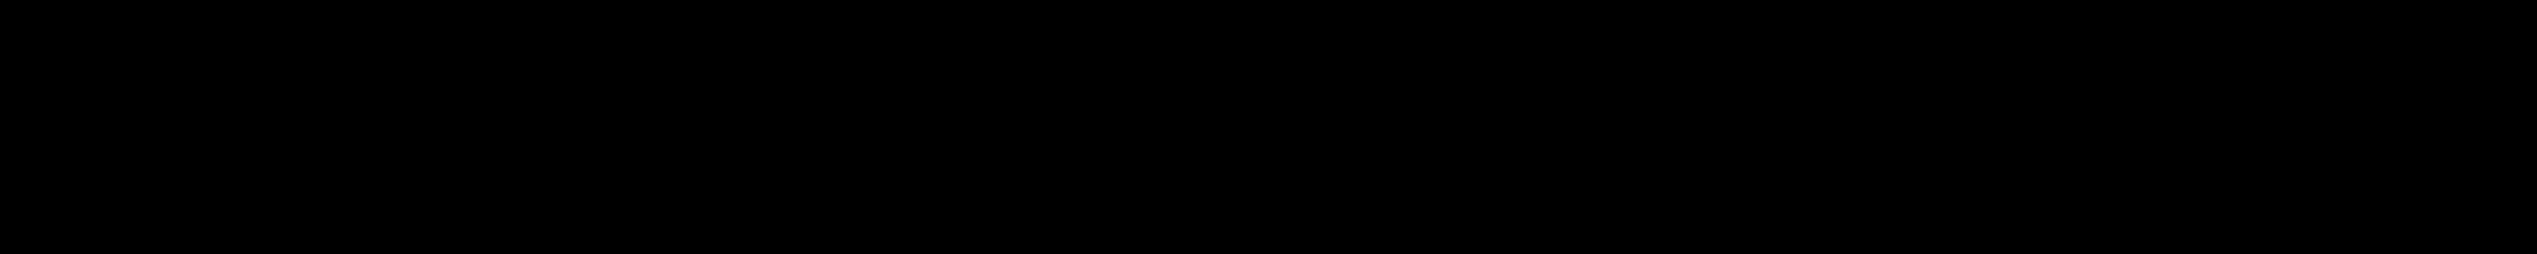 ヘ音記号2オクターブ音階